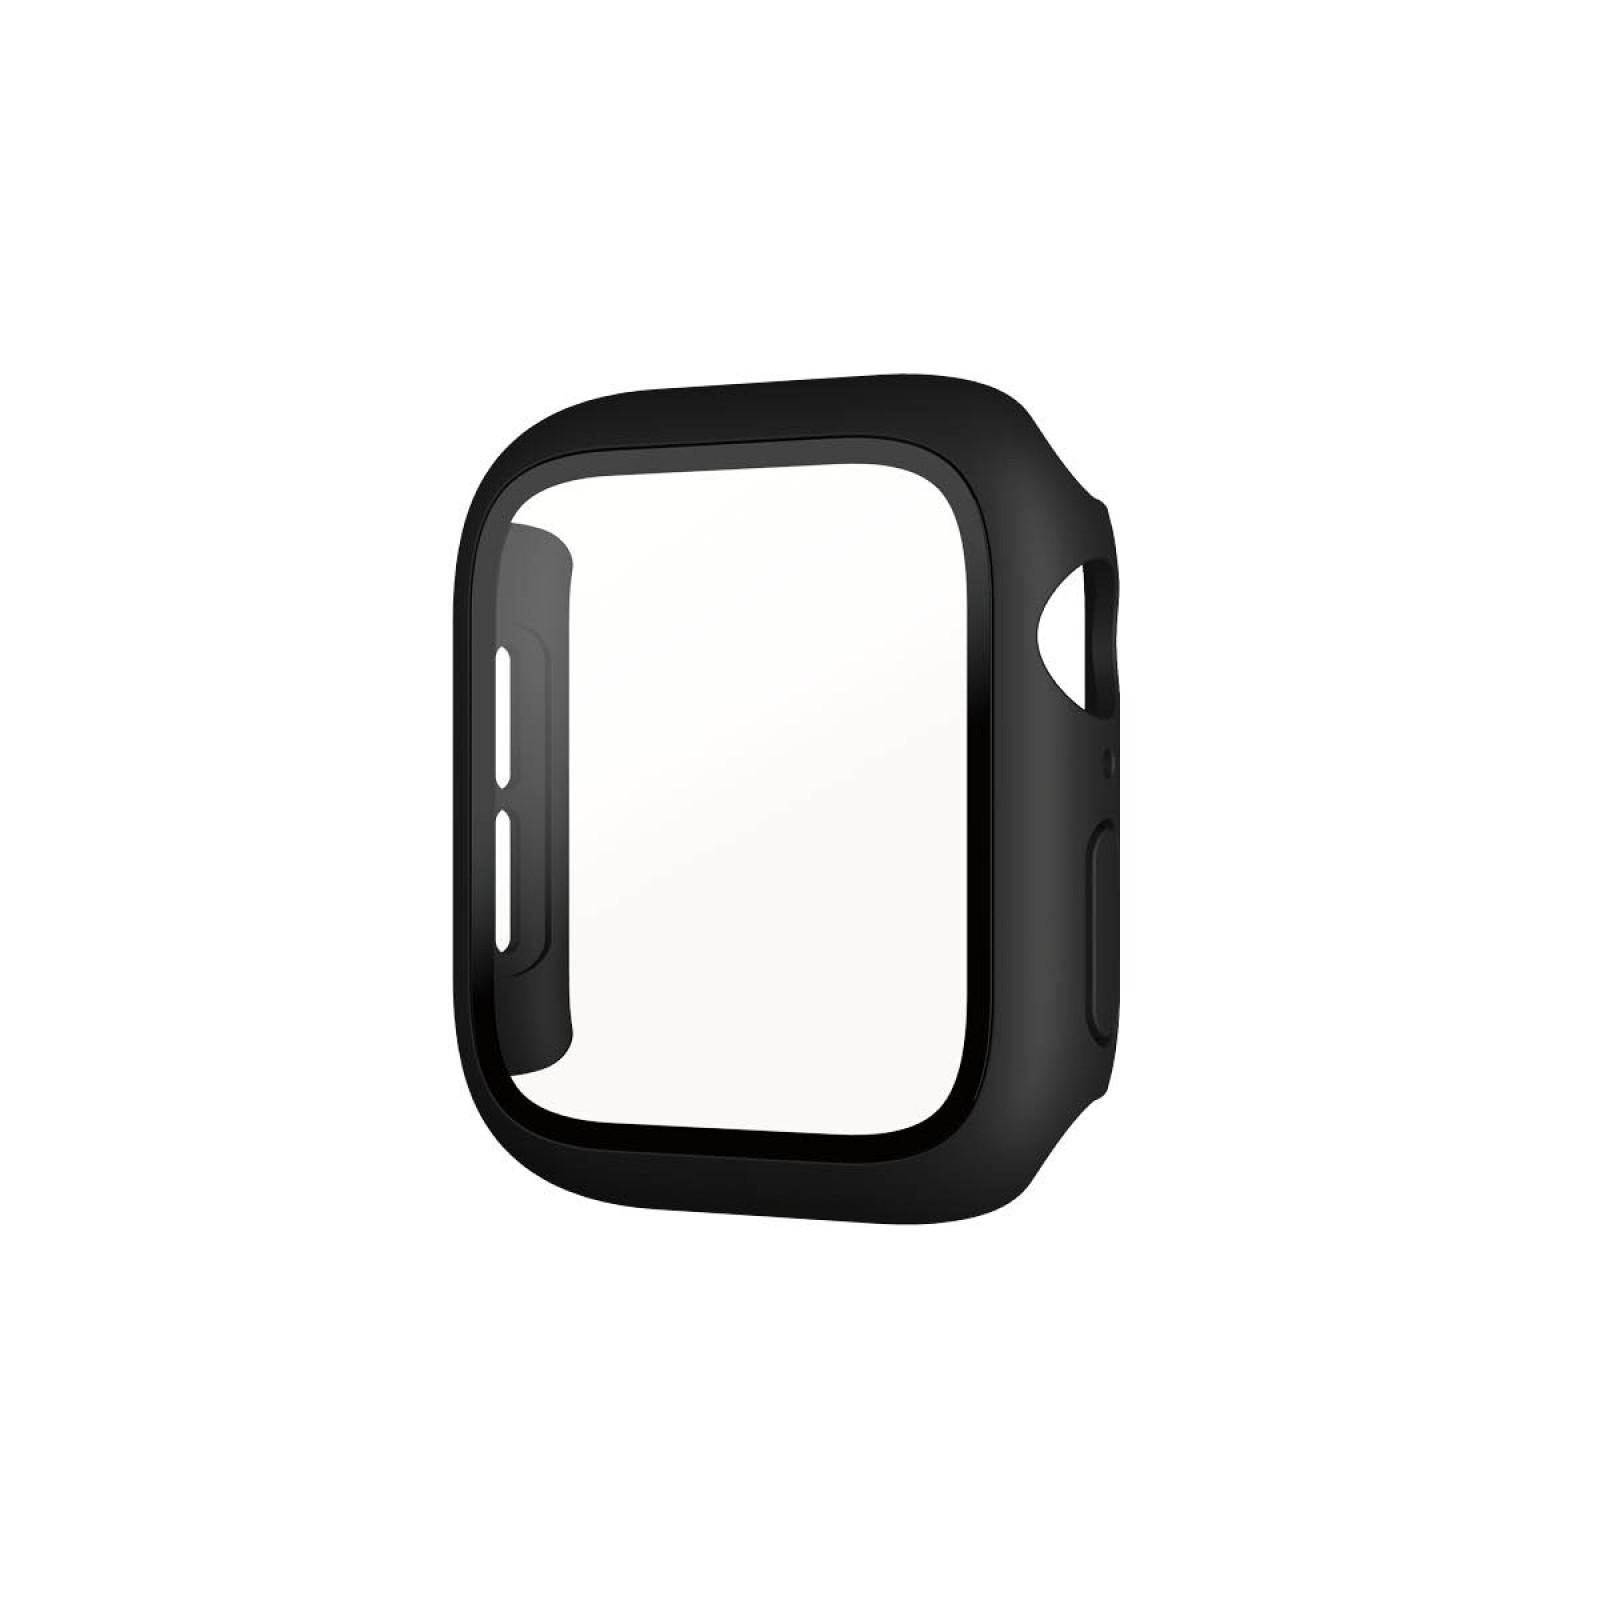 Стъклен протектор със силиконова рамка Apple watch Series 4/5/6/SE 40mm Panzerglass, AntiBacterial- Черна  рамка